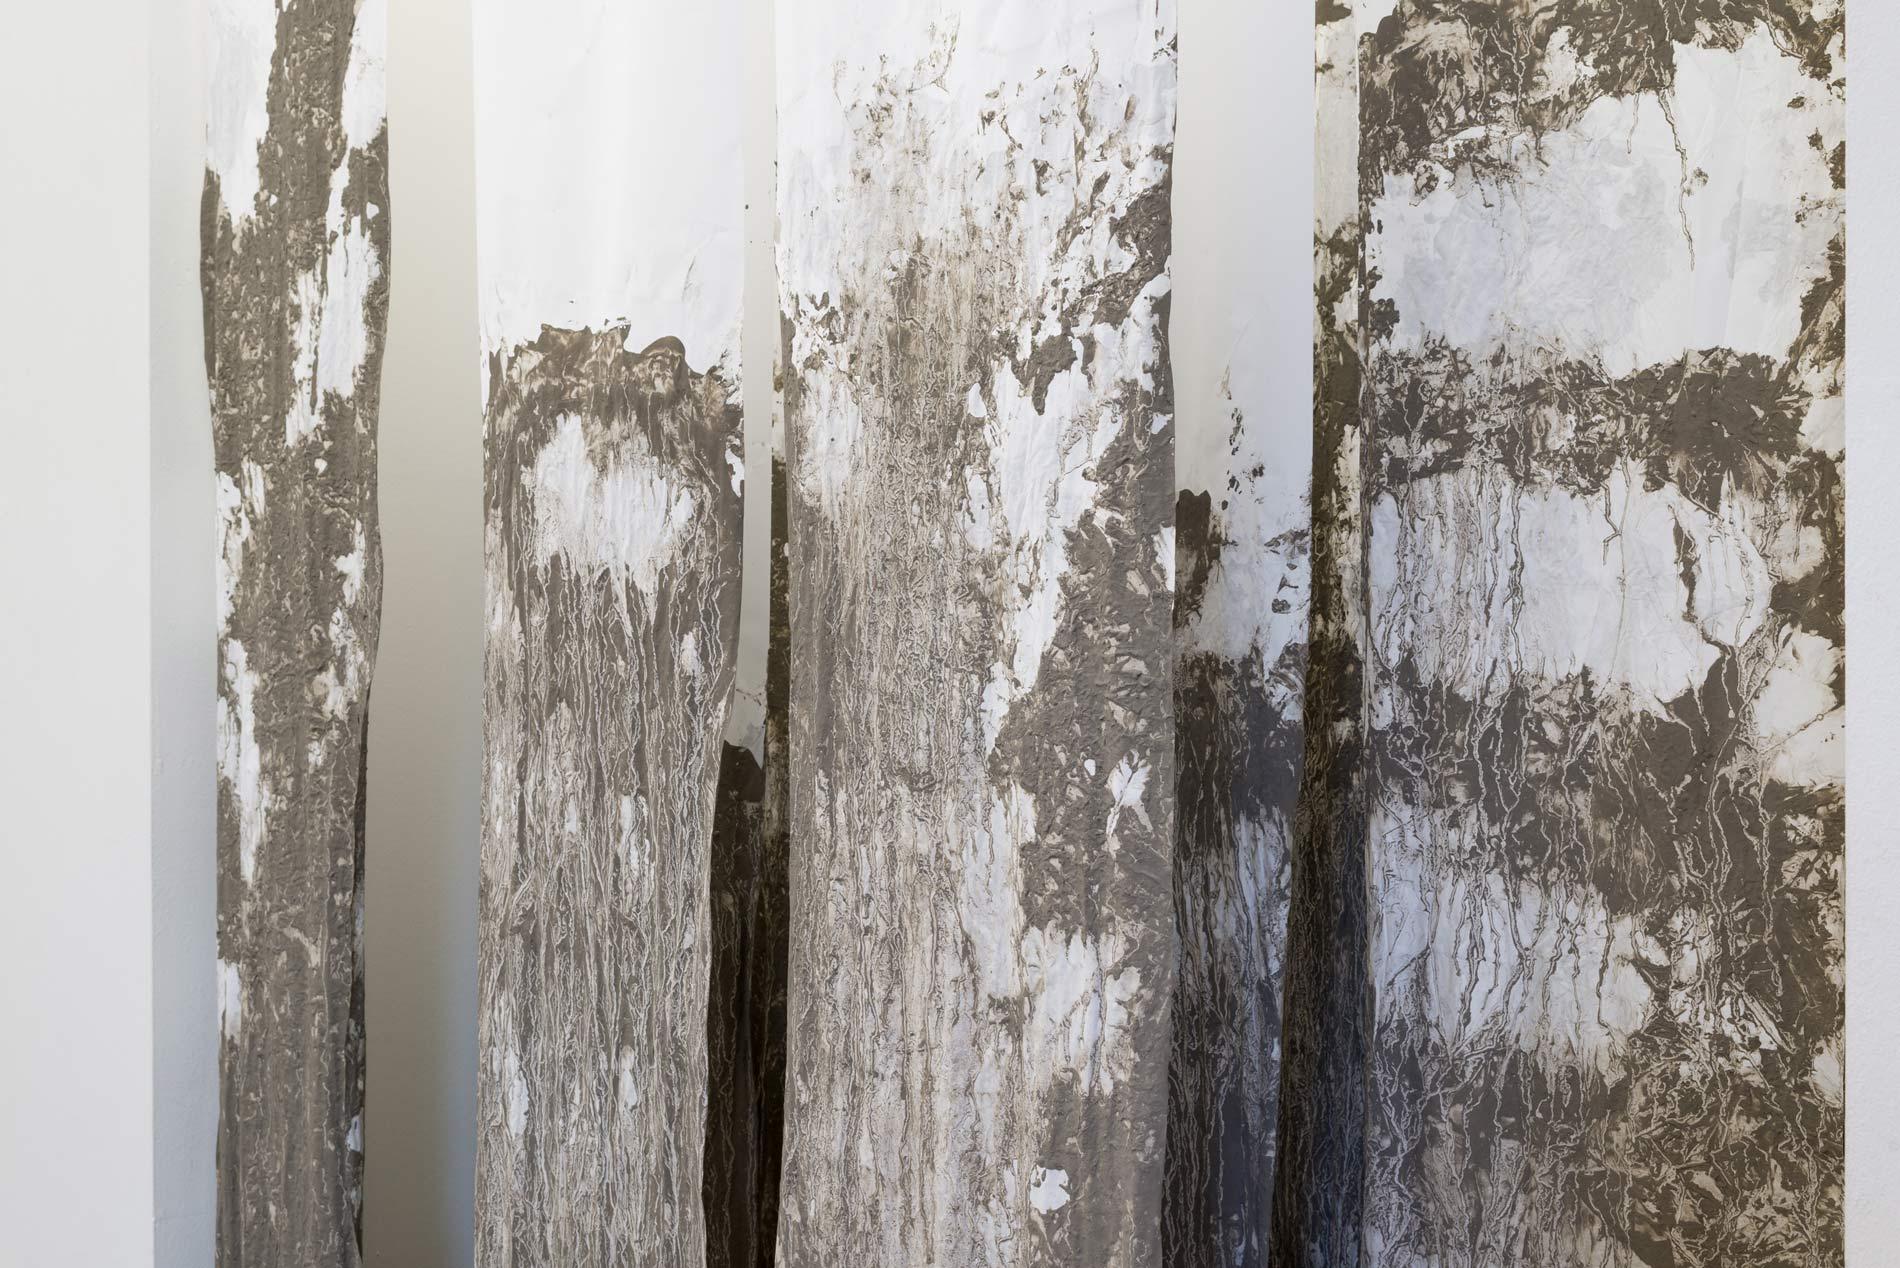 Zeitgenössische Installation Kunst im Raum